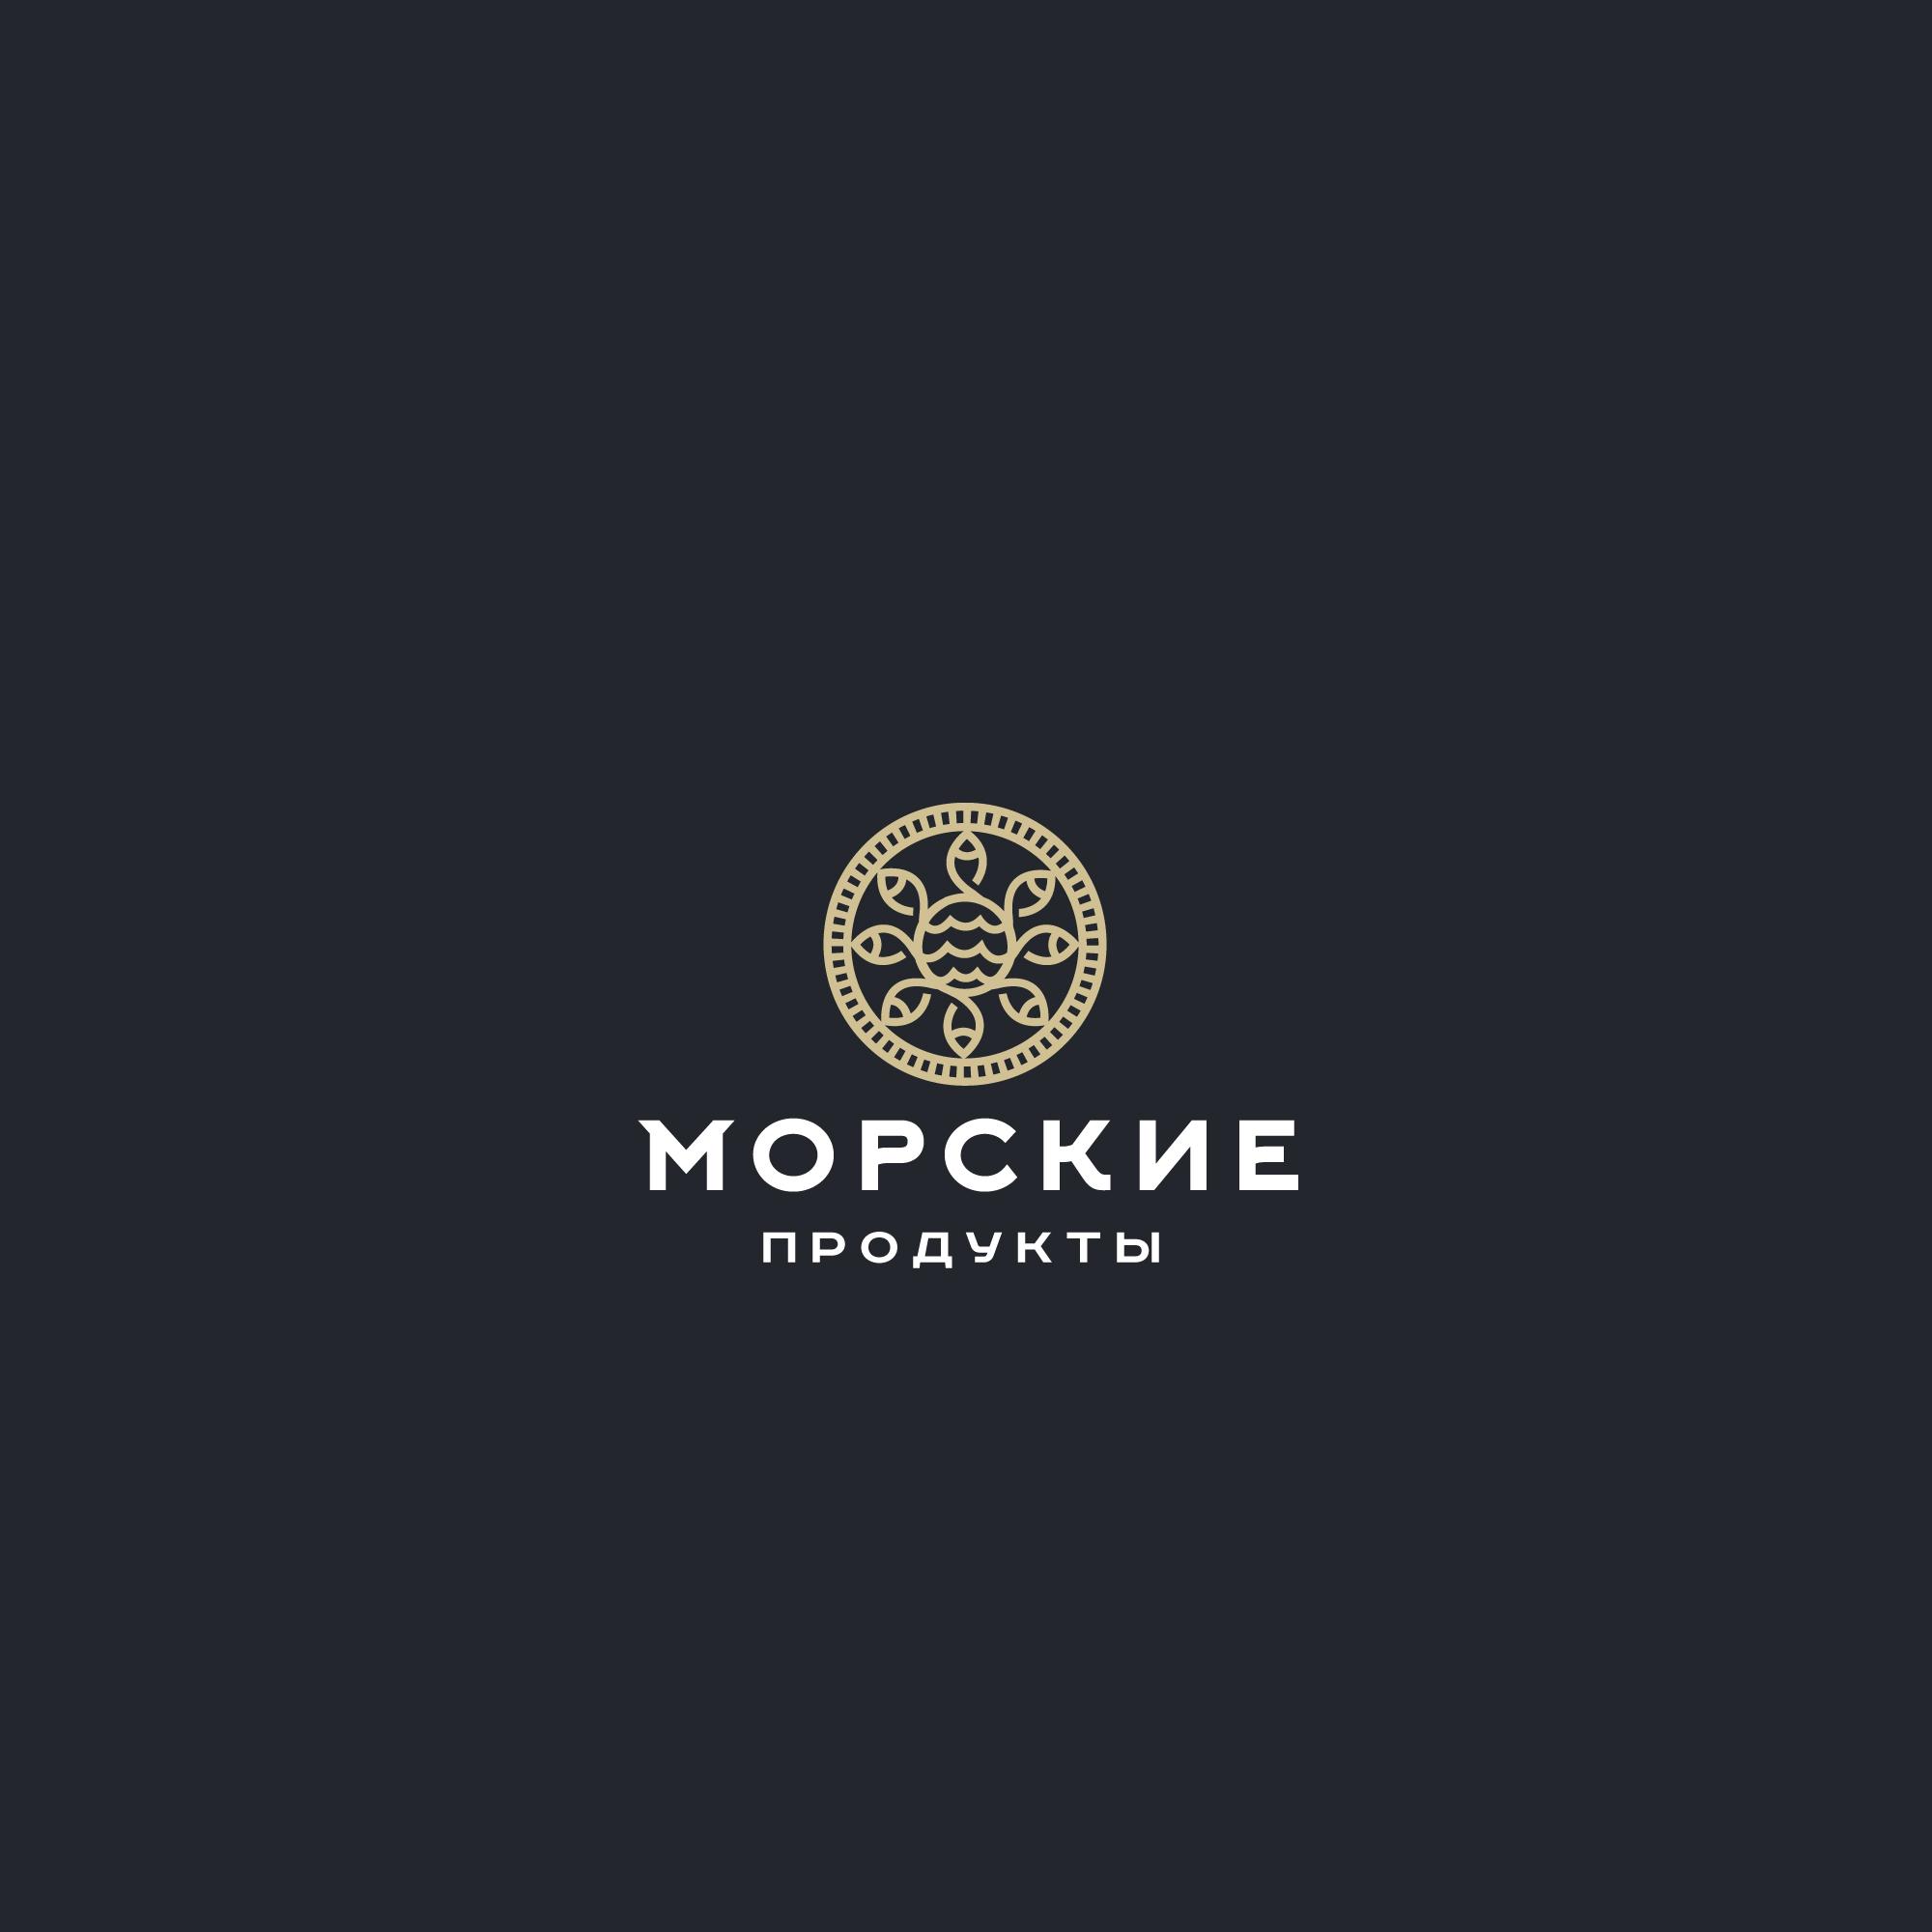 Разработать логотип.  фото f_2305ec6e6b4b0546.jpg